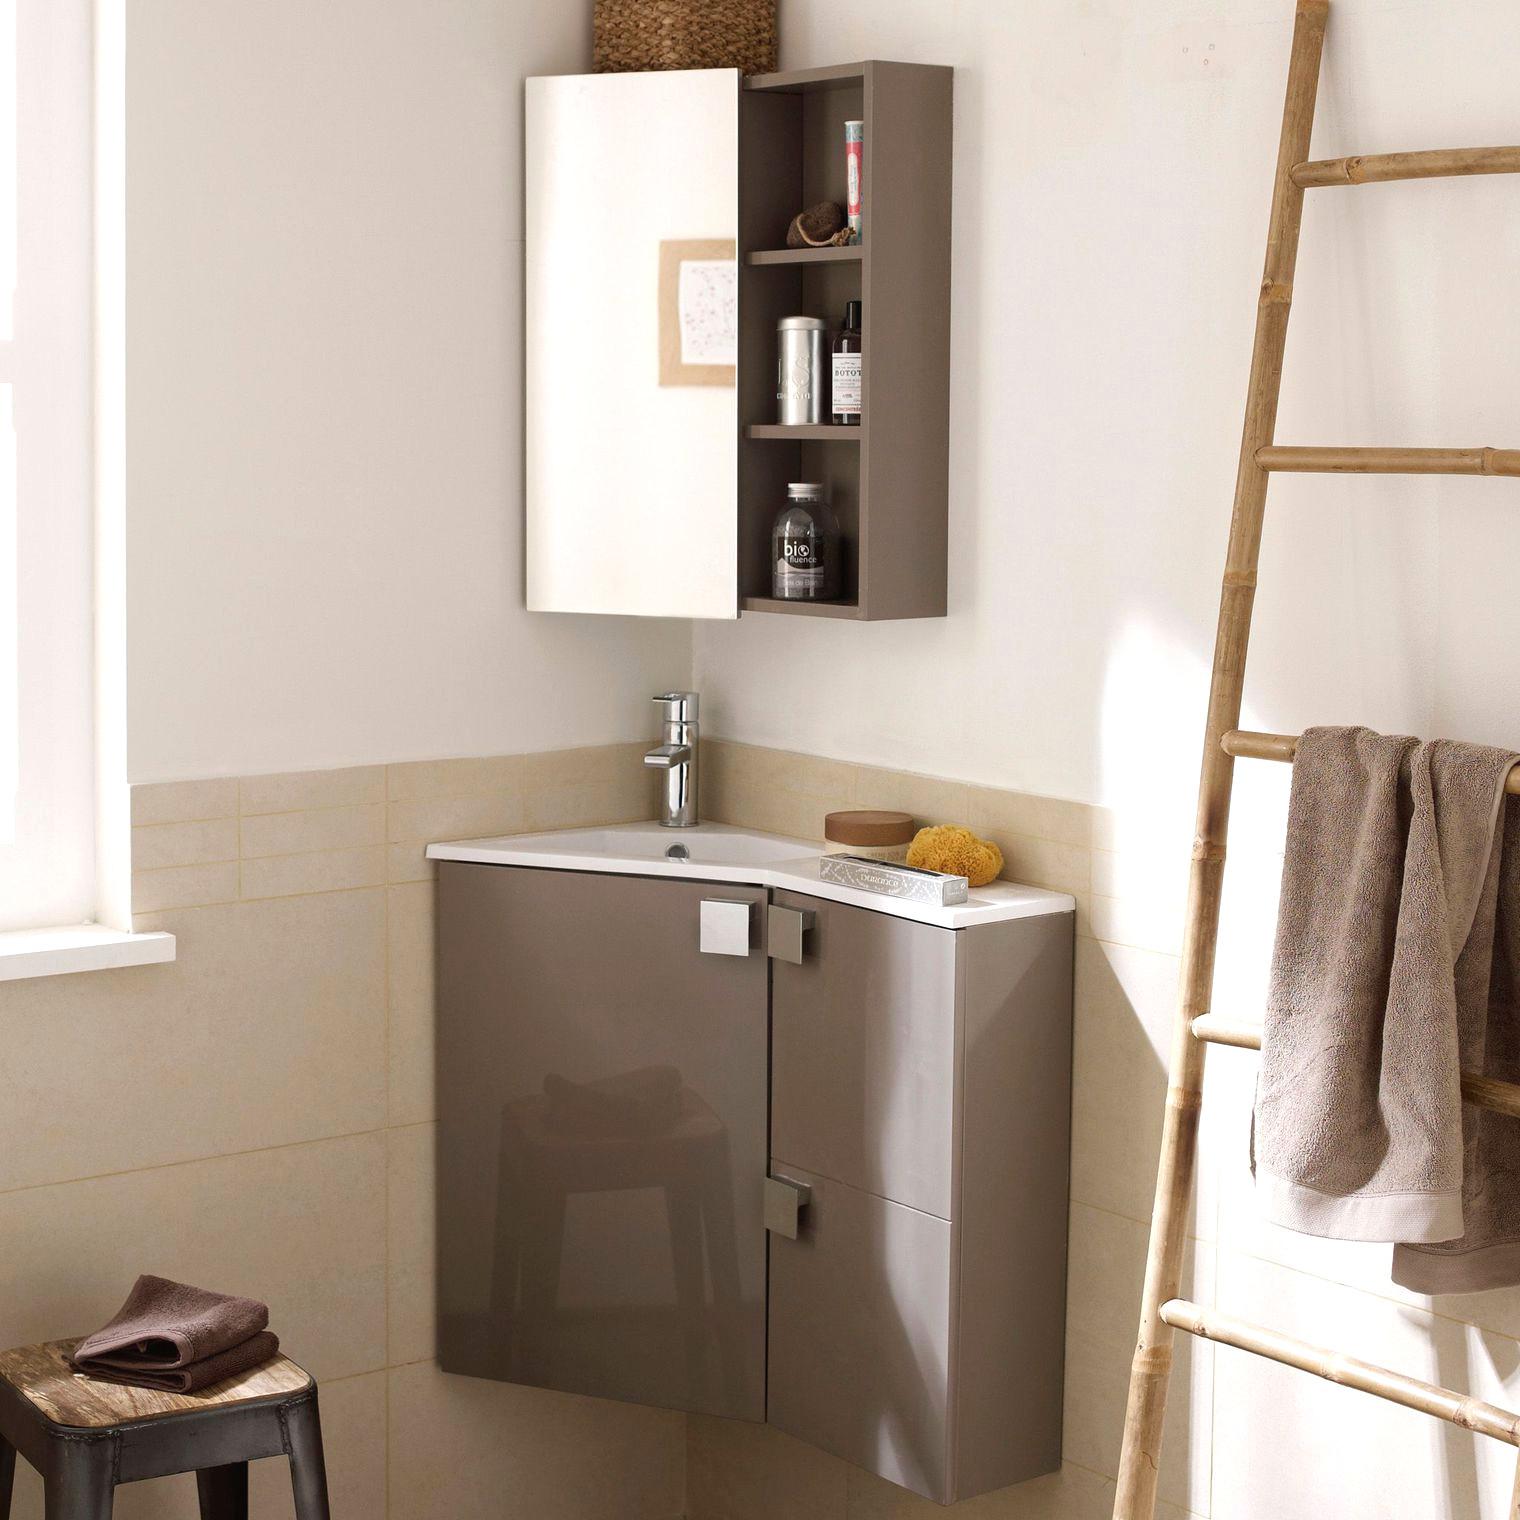 Armoire De toilette Miroir Leroy Merlin Impressionnant Photos Meuble Wc Leroy Merlin Search Results Meuble Wc Avec Lave Main Avec